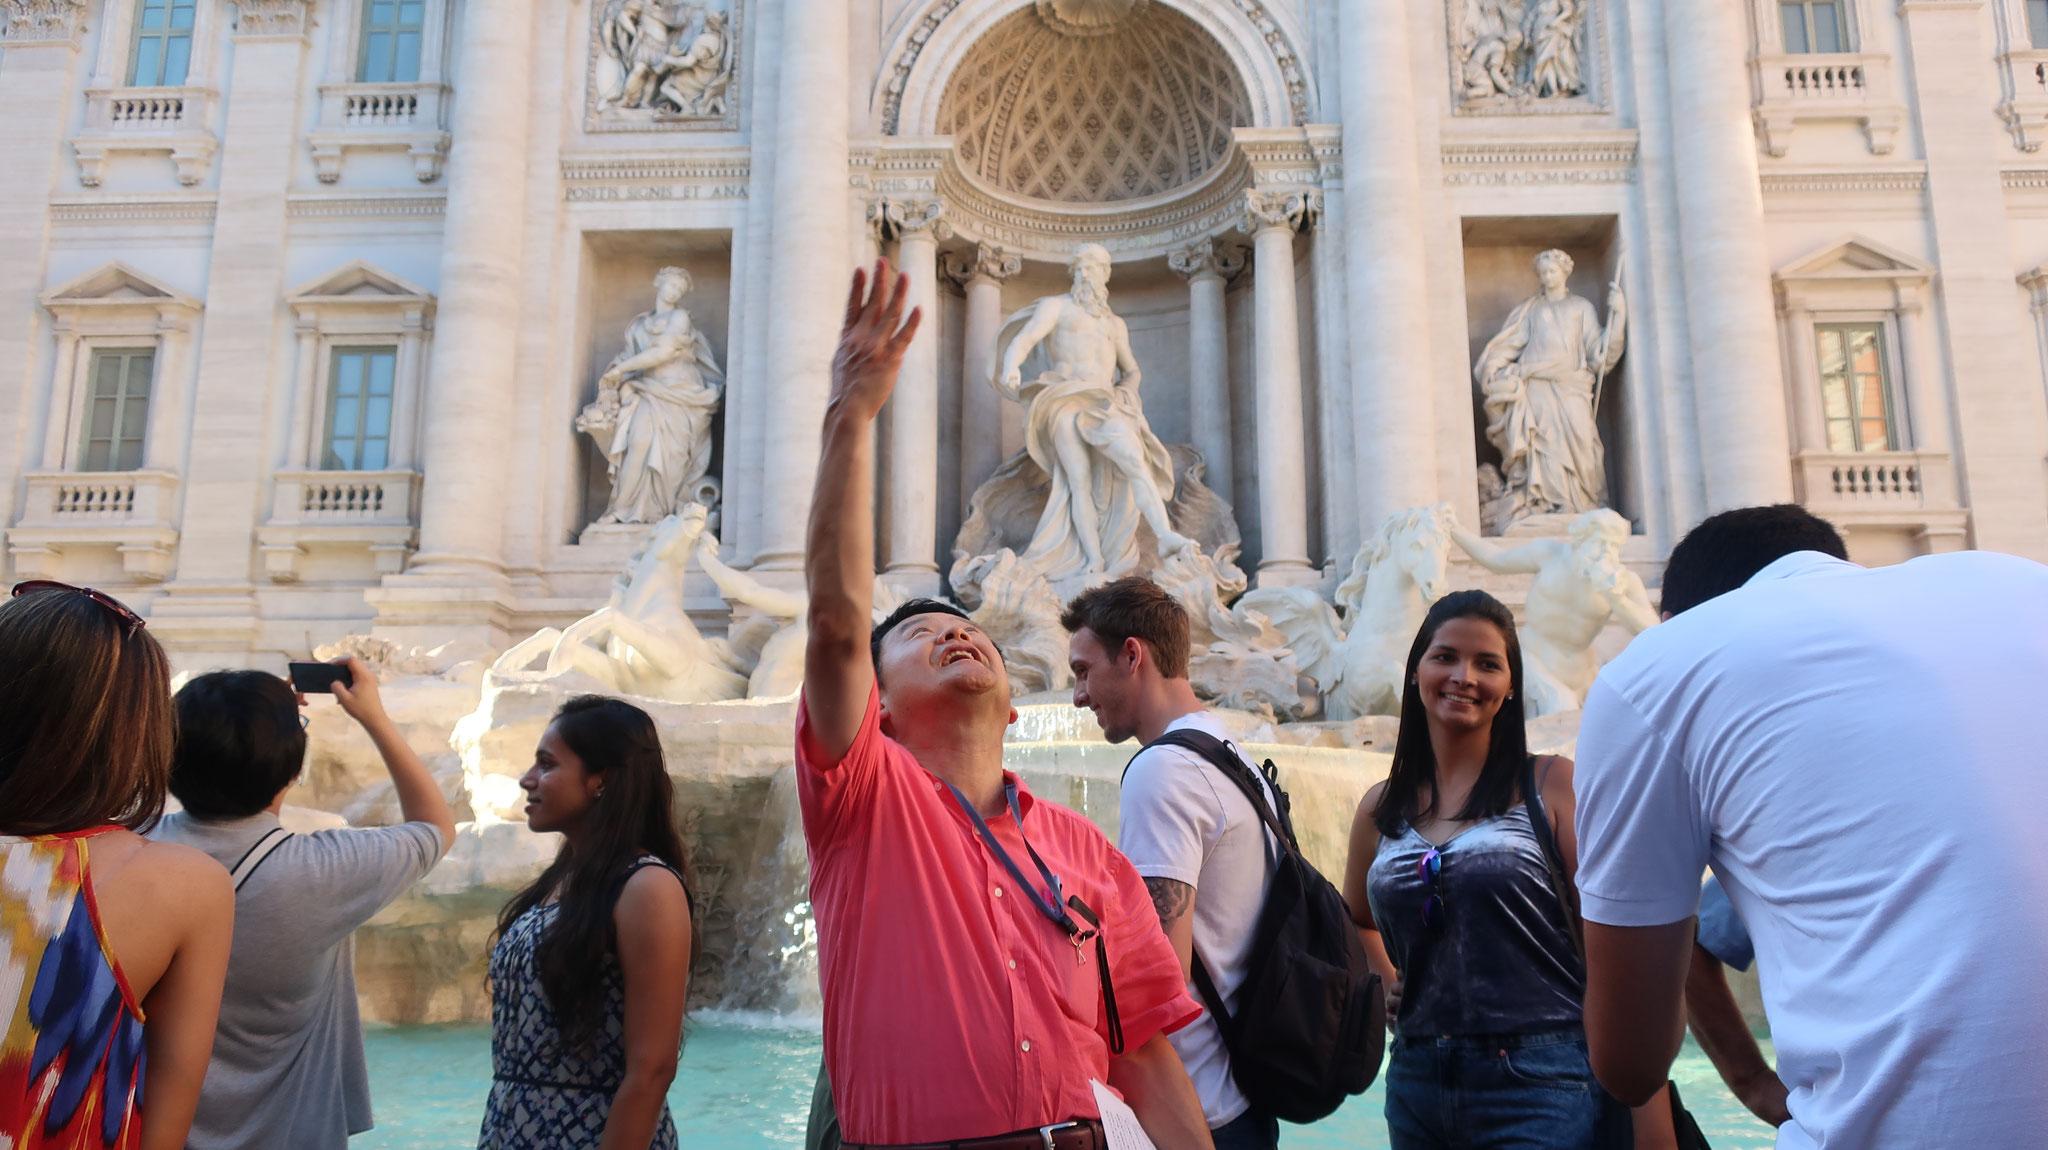 「再び、ローマに来られますように」と祈りながら、後ろ向きにコインを投げ入れます。